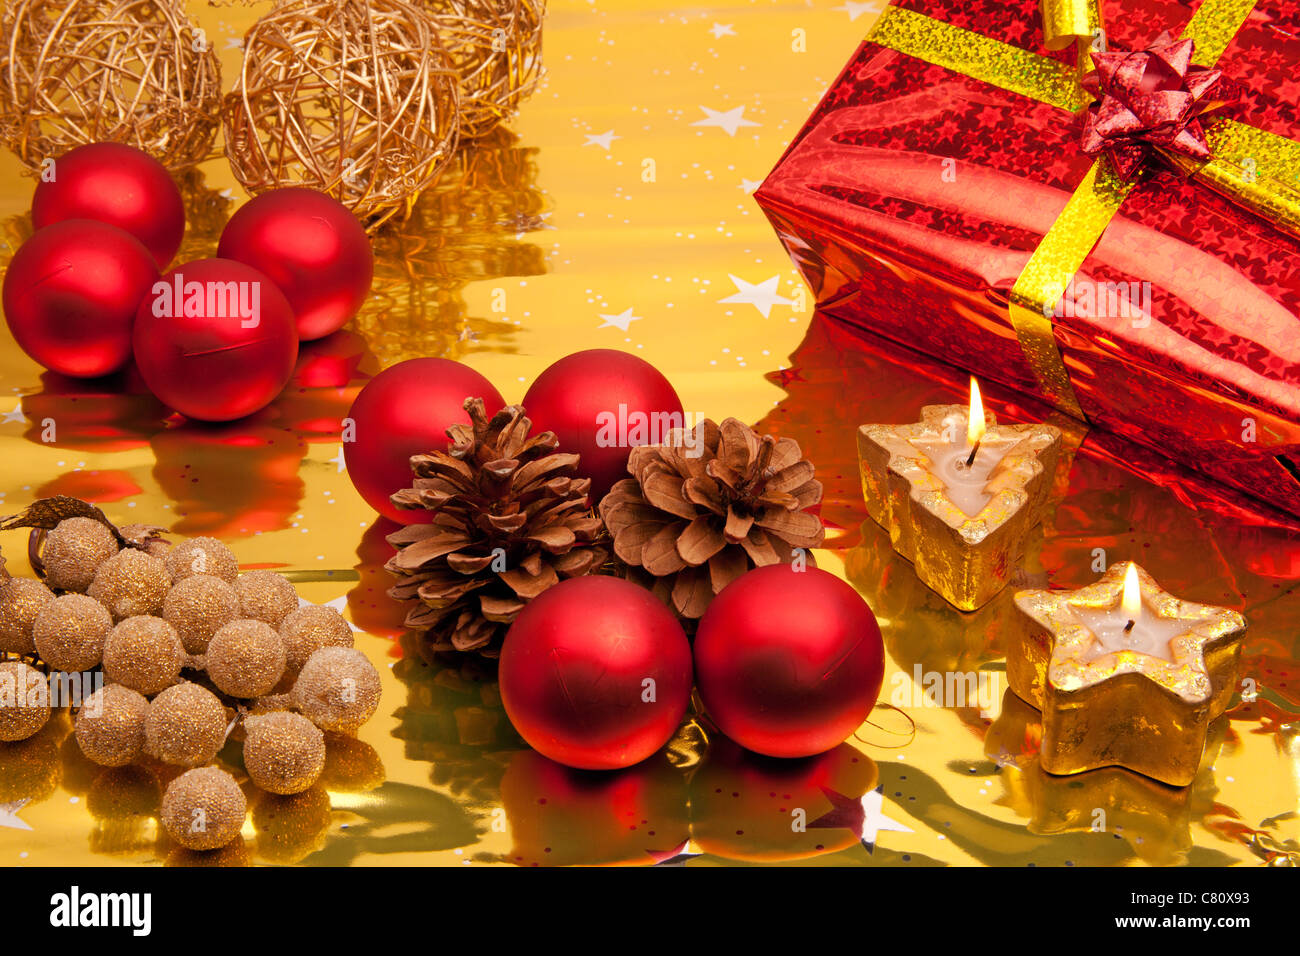 Christmas gifts - Stock Image